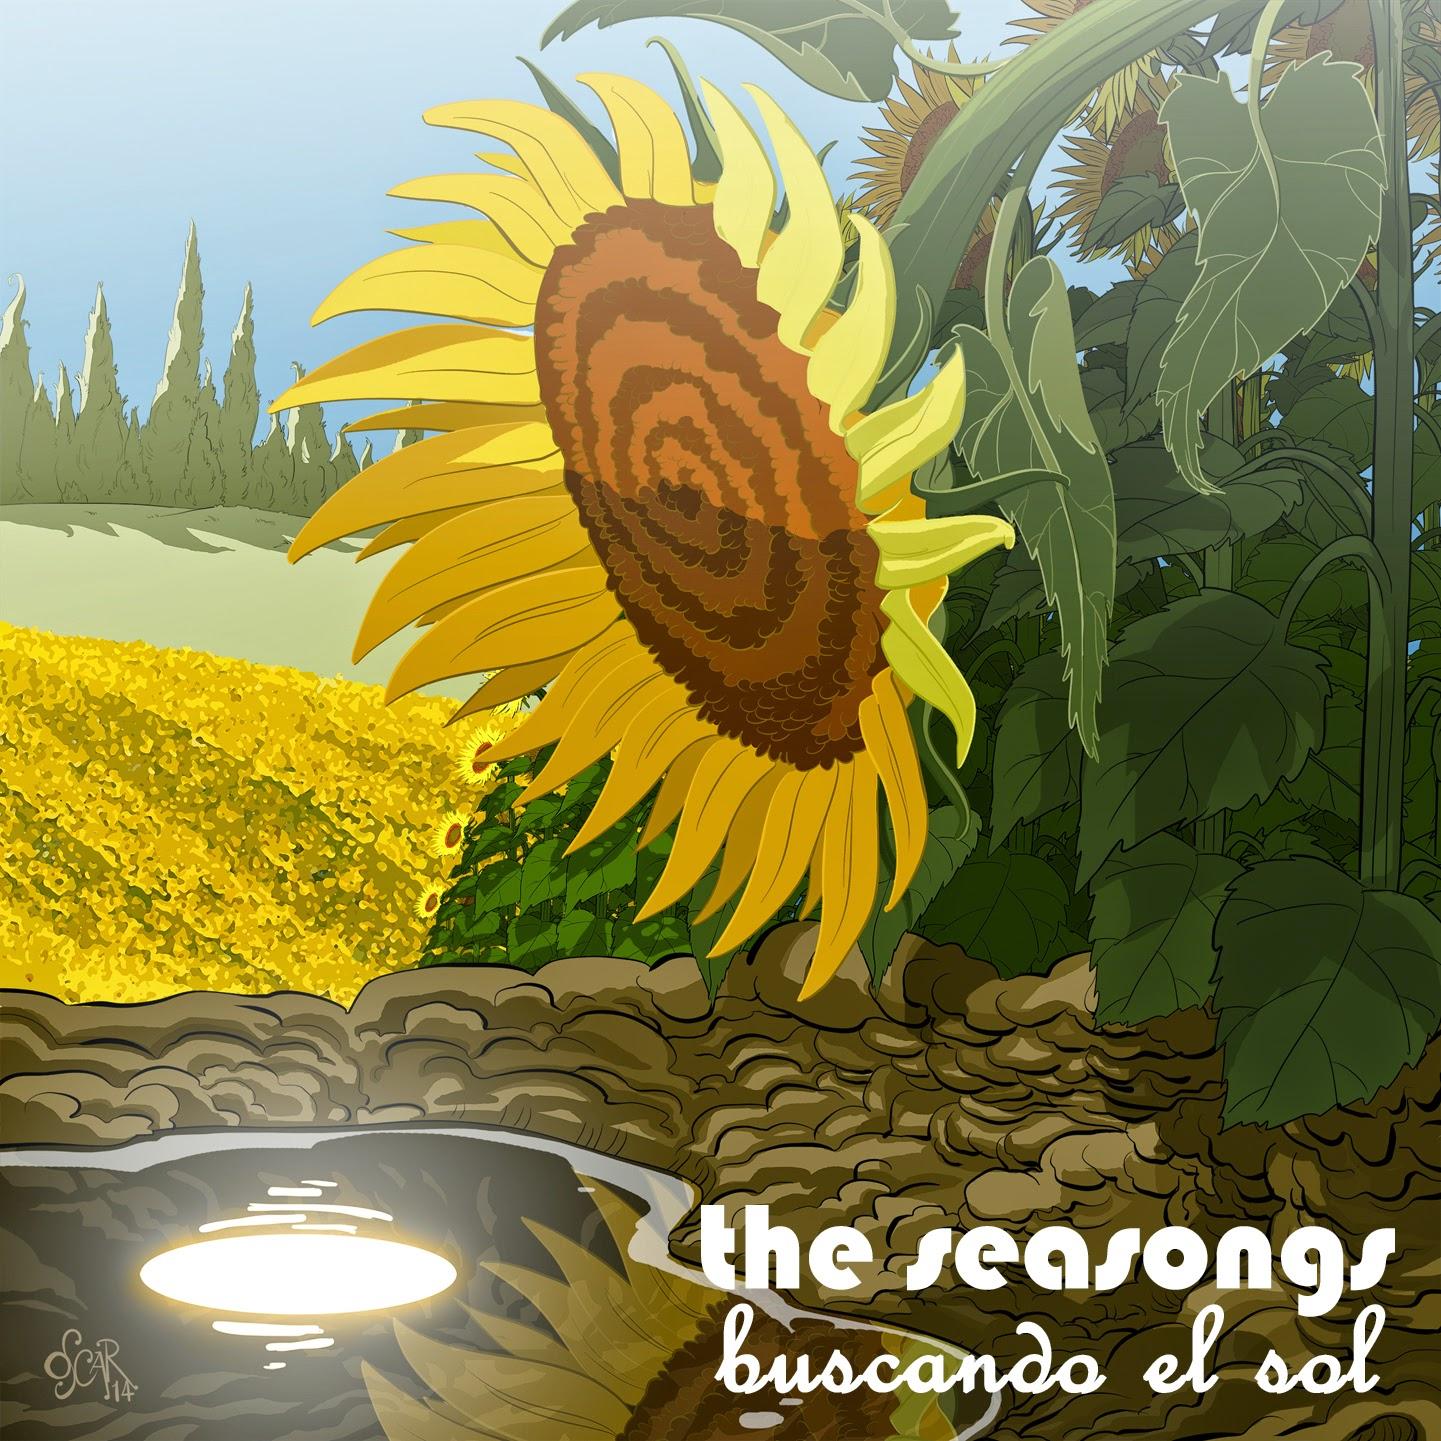 The Seasongs Buscando el sol